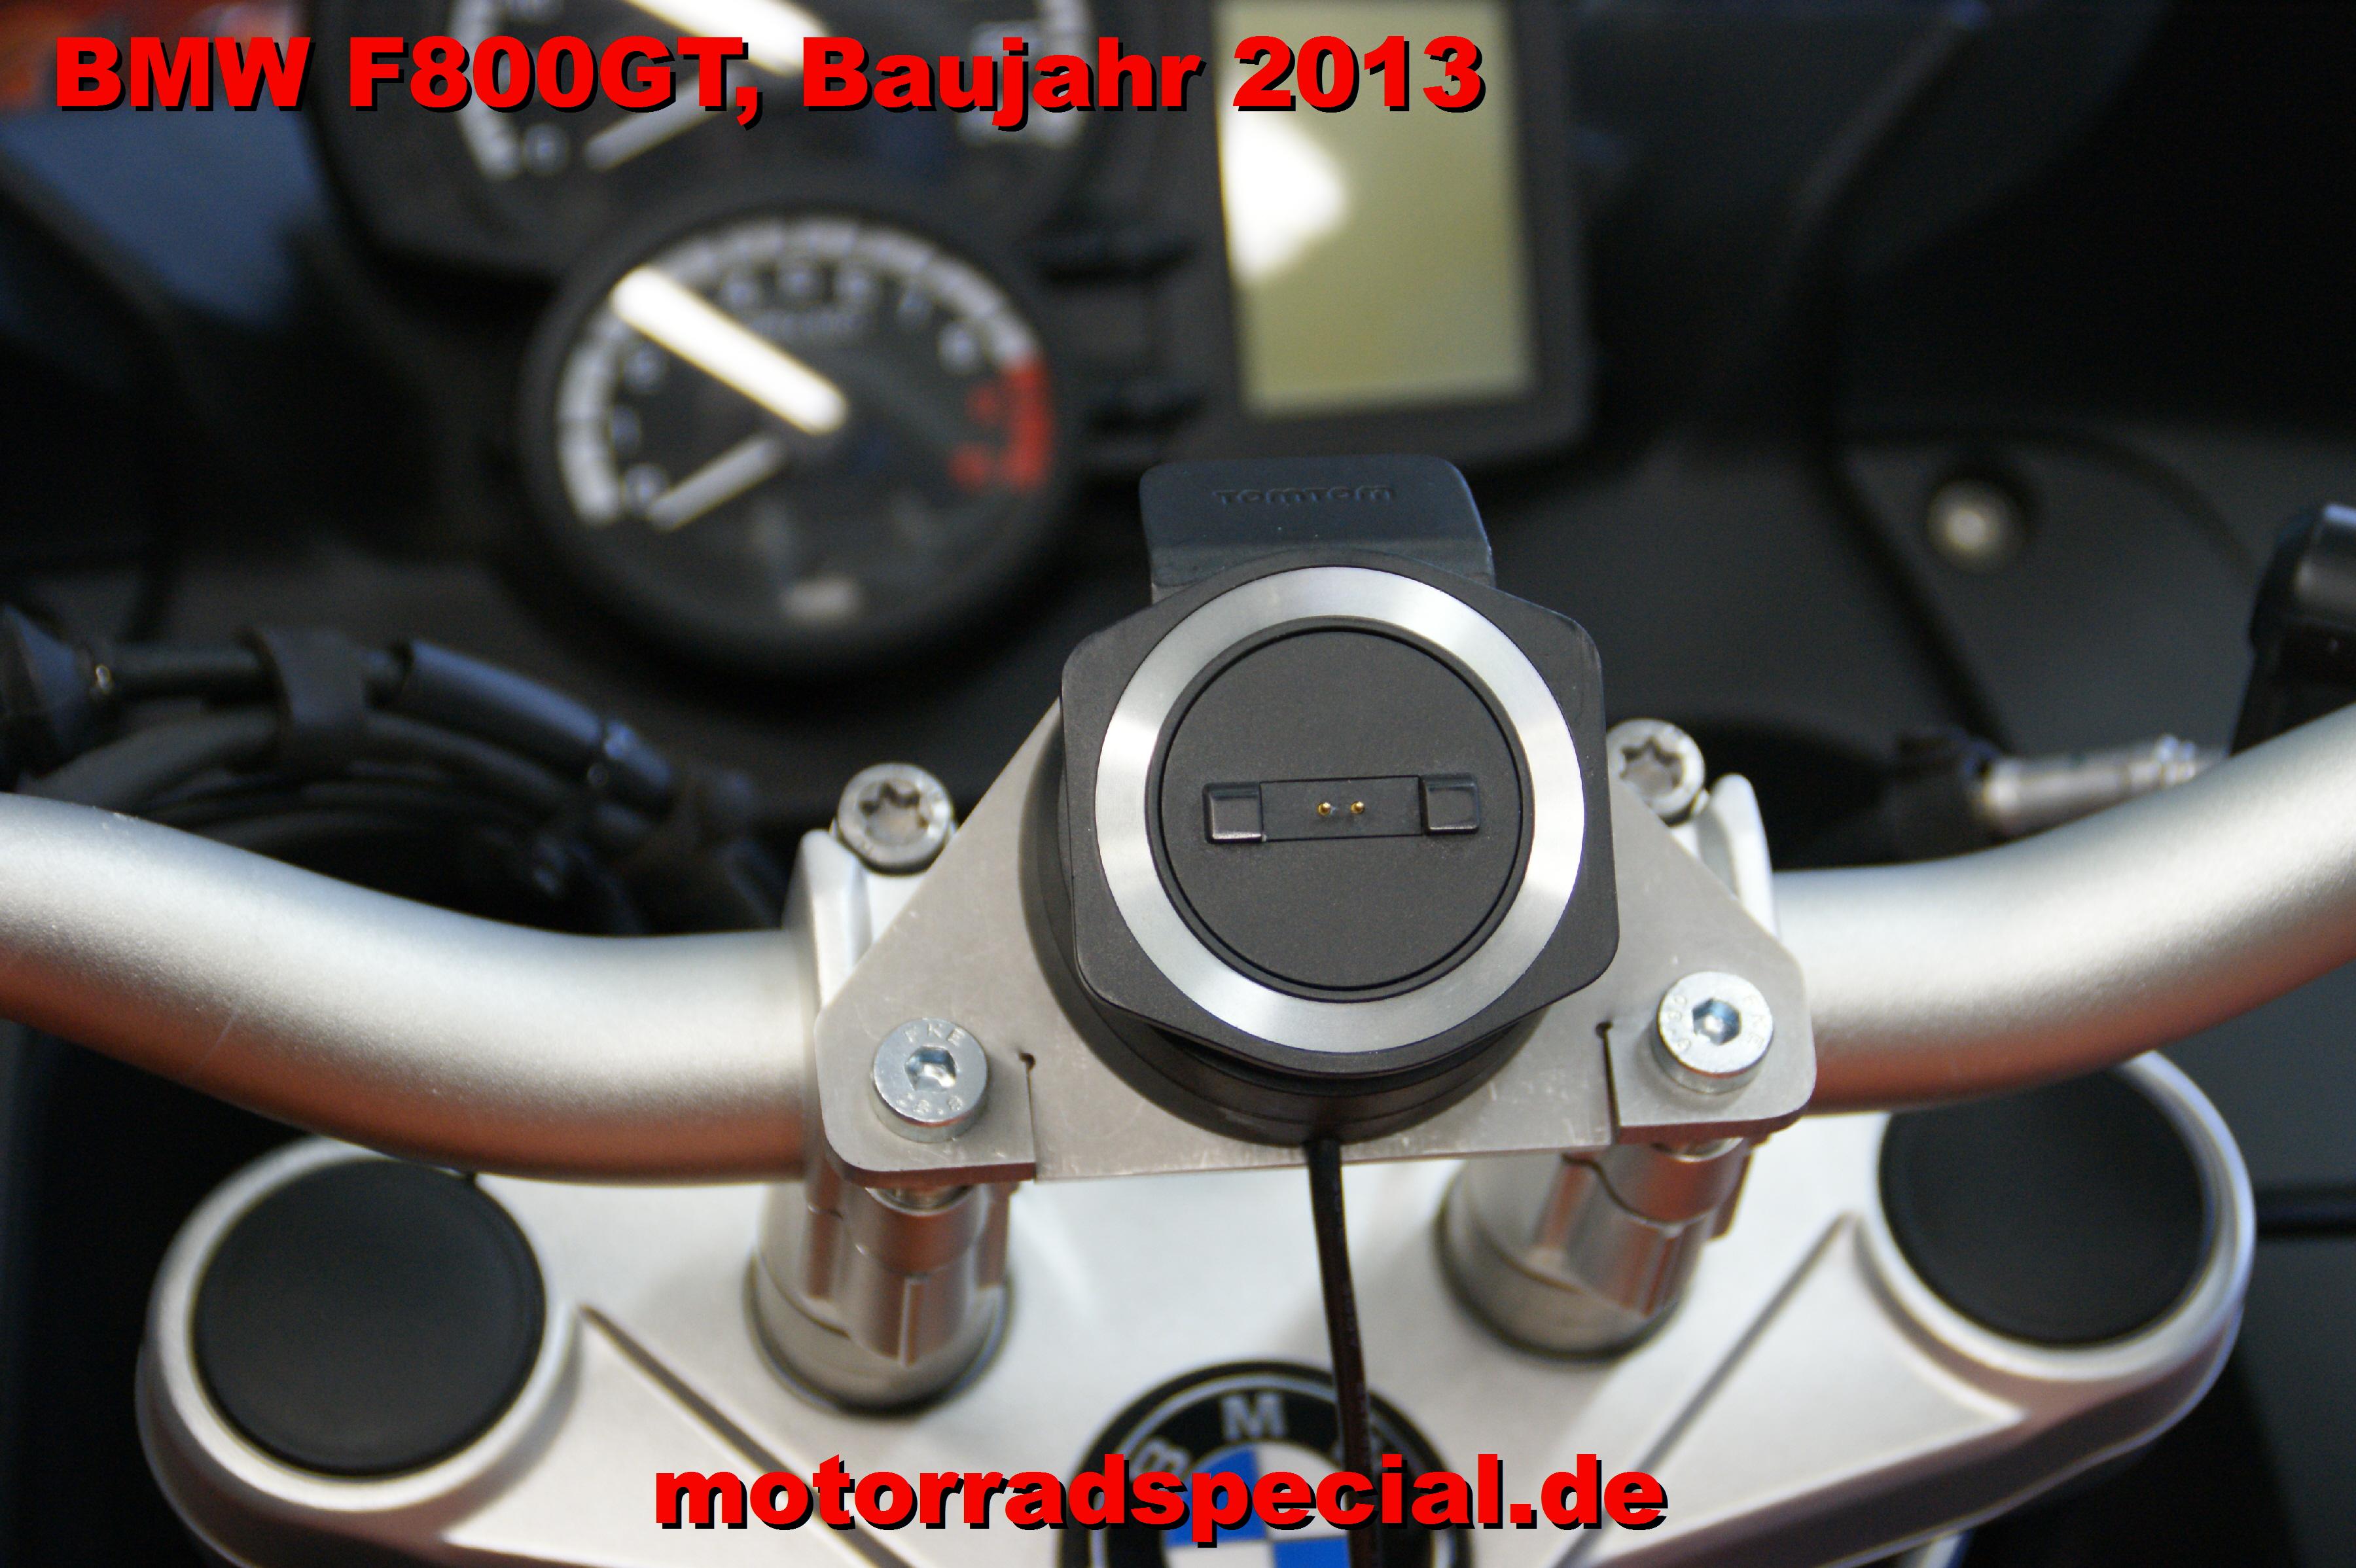 BMW_F800GT_Baujahr2013_Navigationshalterung_Navihalter_Navihalterung_4